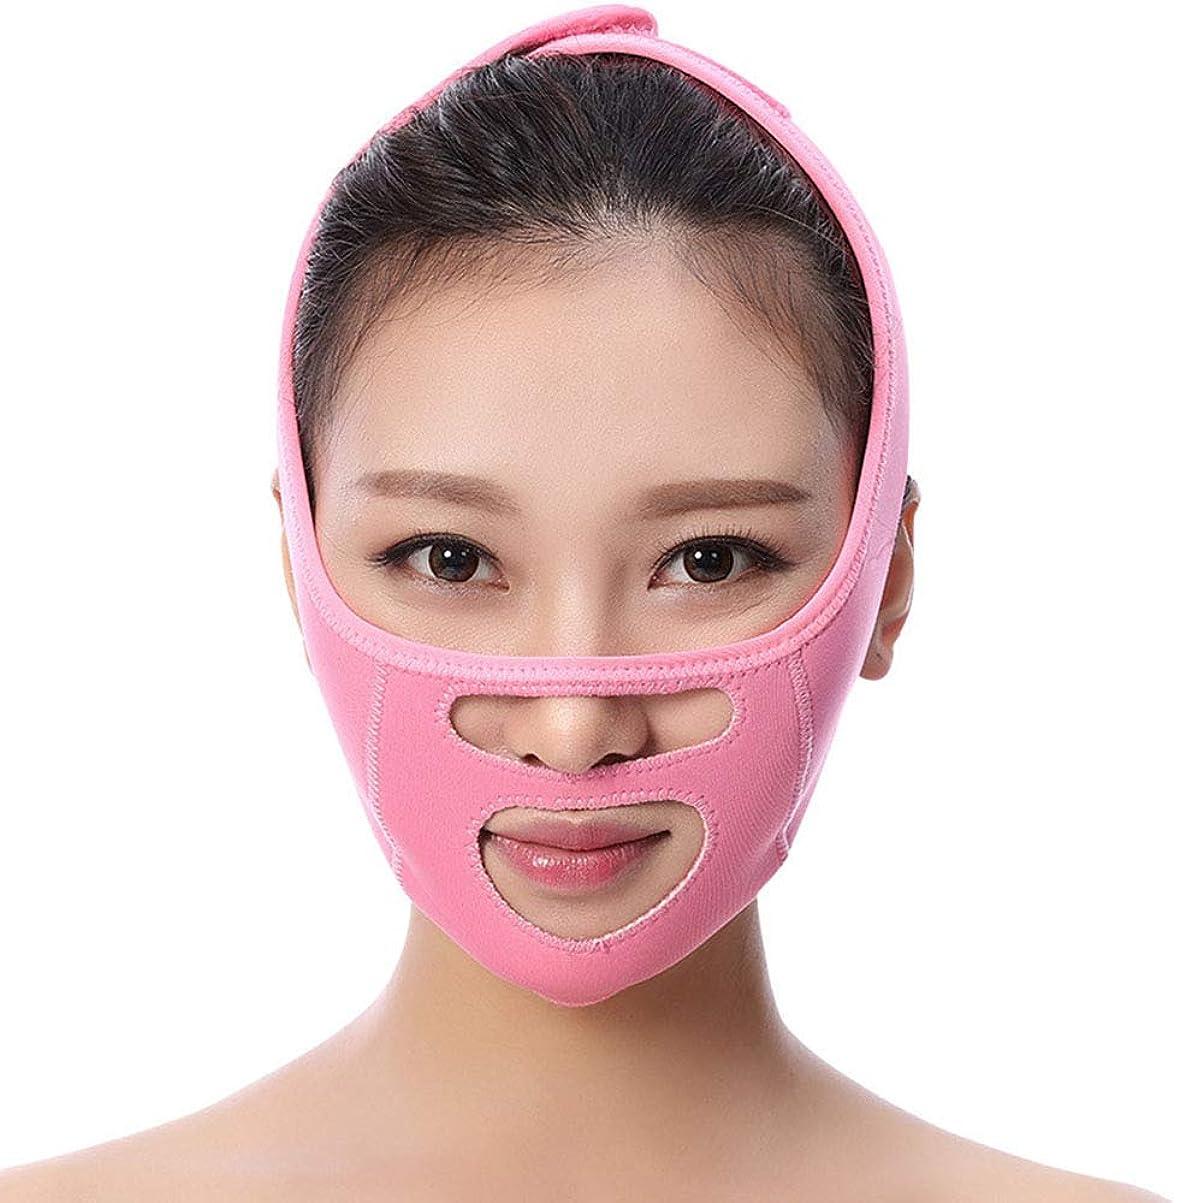 写真マカダム初期のフェイスリフトマスク、薄型フェイスベルトを眠らせる/フェイスフェイスリフトアーチファクト(ブルー/ピンク)を令状にするために美容フェイスリフト包帯を強化,Pink